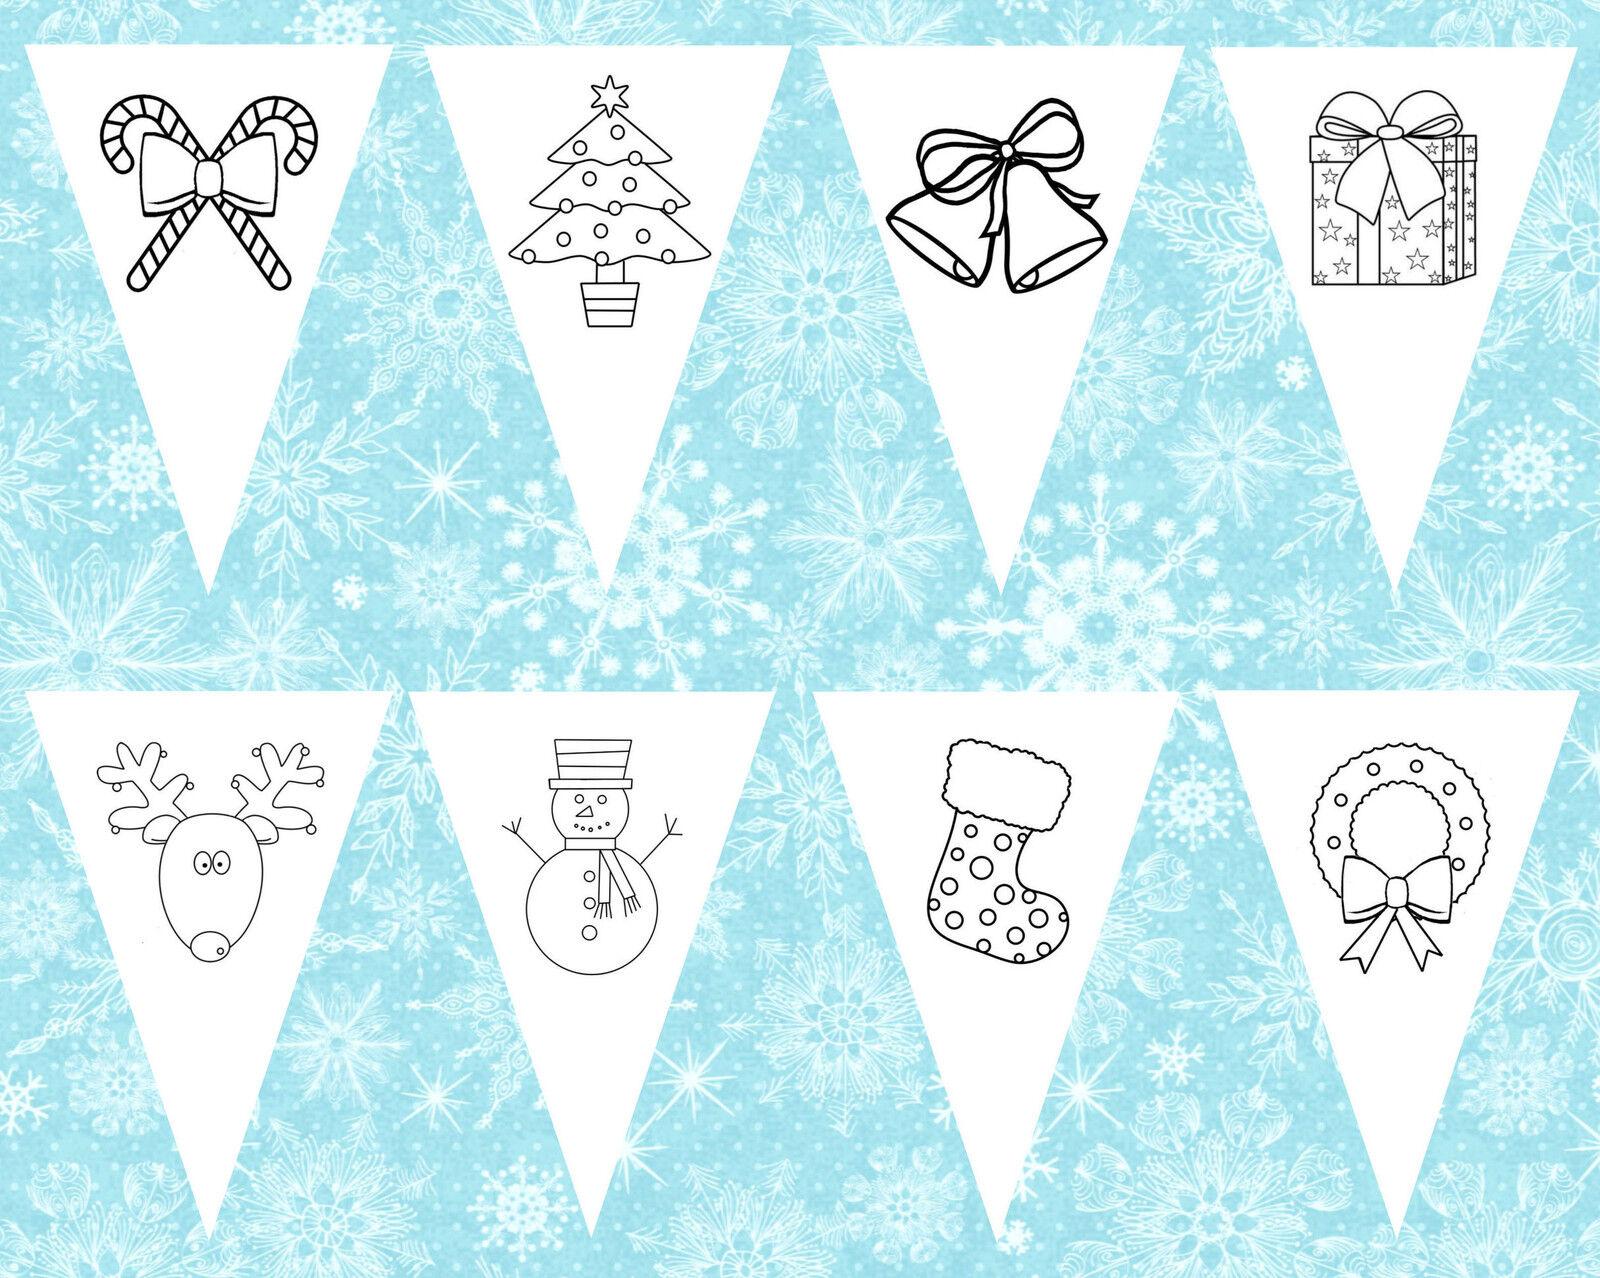 Kinder Färbung in Weihnachten Bilder Fahnentuch - ideal Handwerk Dekoration  | Qualitätskönigin  | Sofortige Lieferung